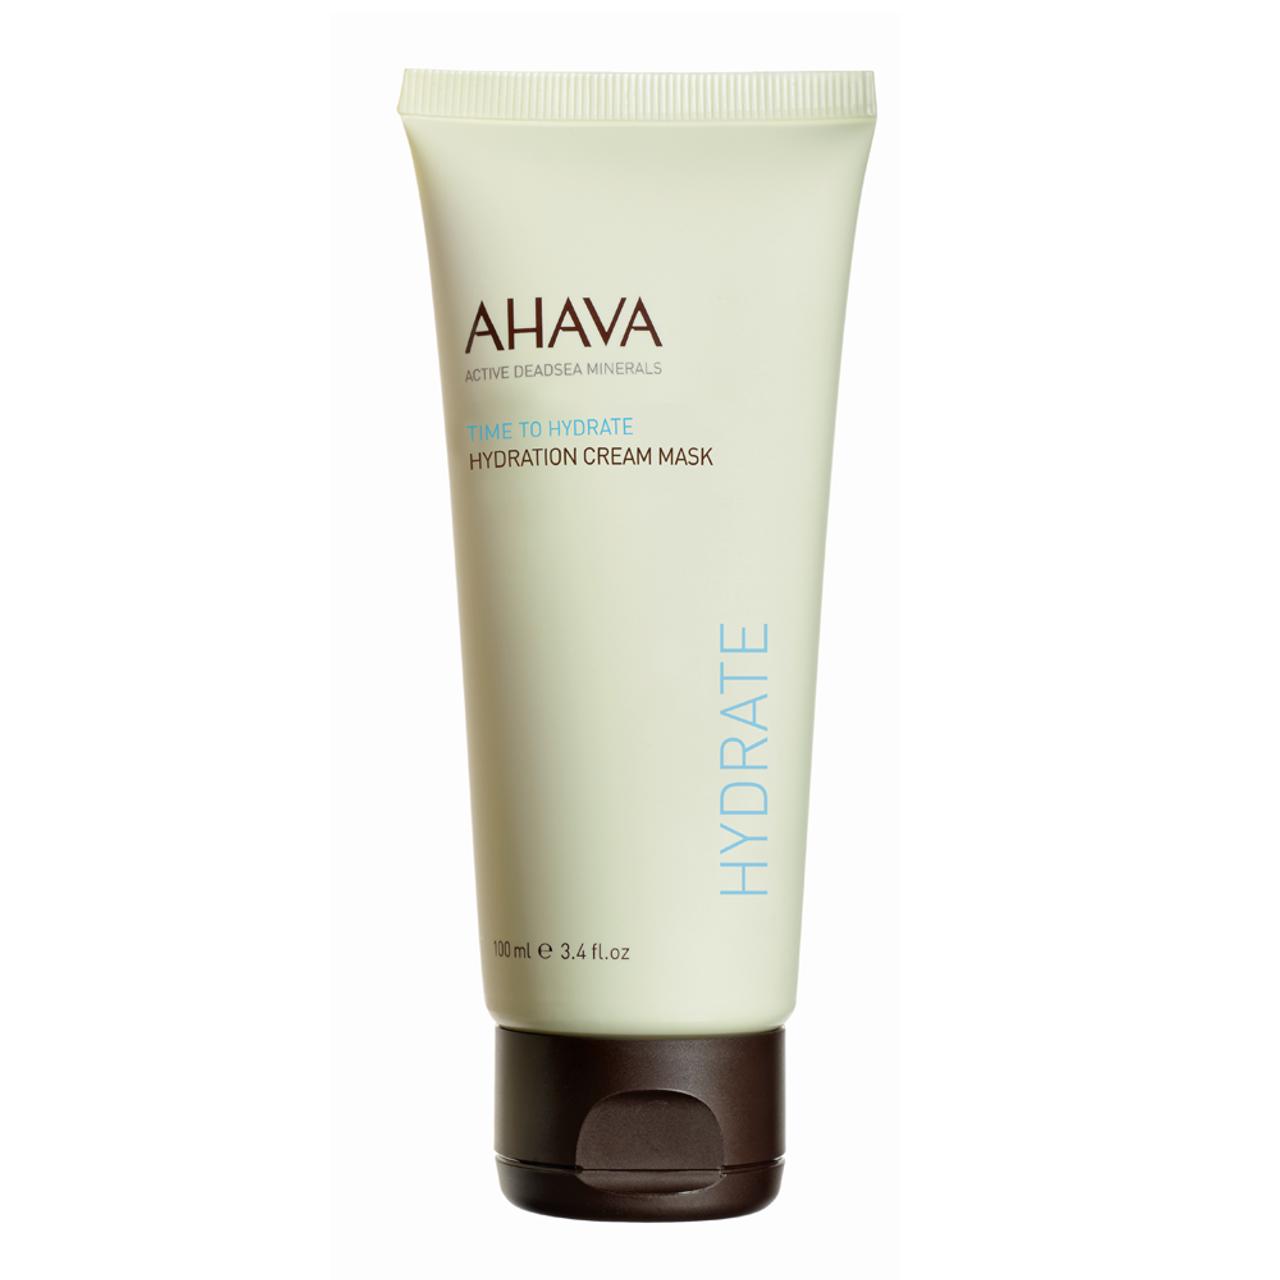 AHAVA Hydration Cream Mask BeautifiedYou.com